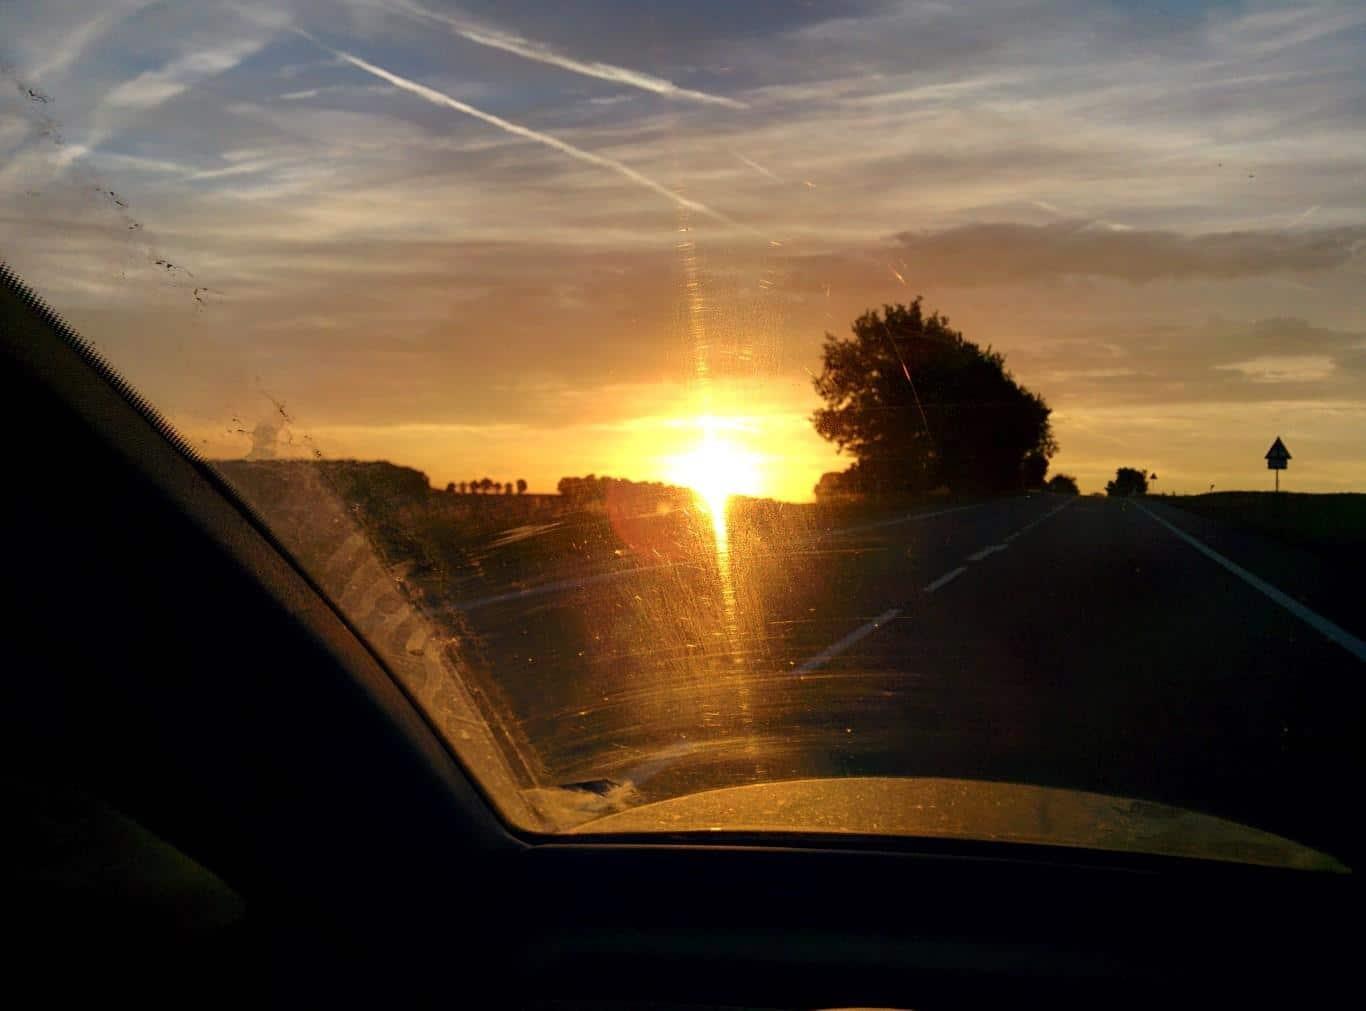 Auf dem Weg nach Münster - mitten in der Nacht...